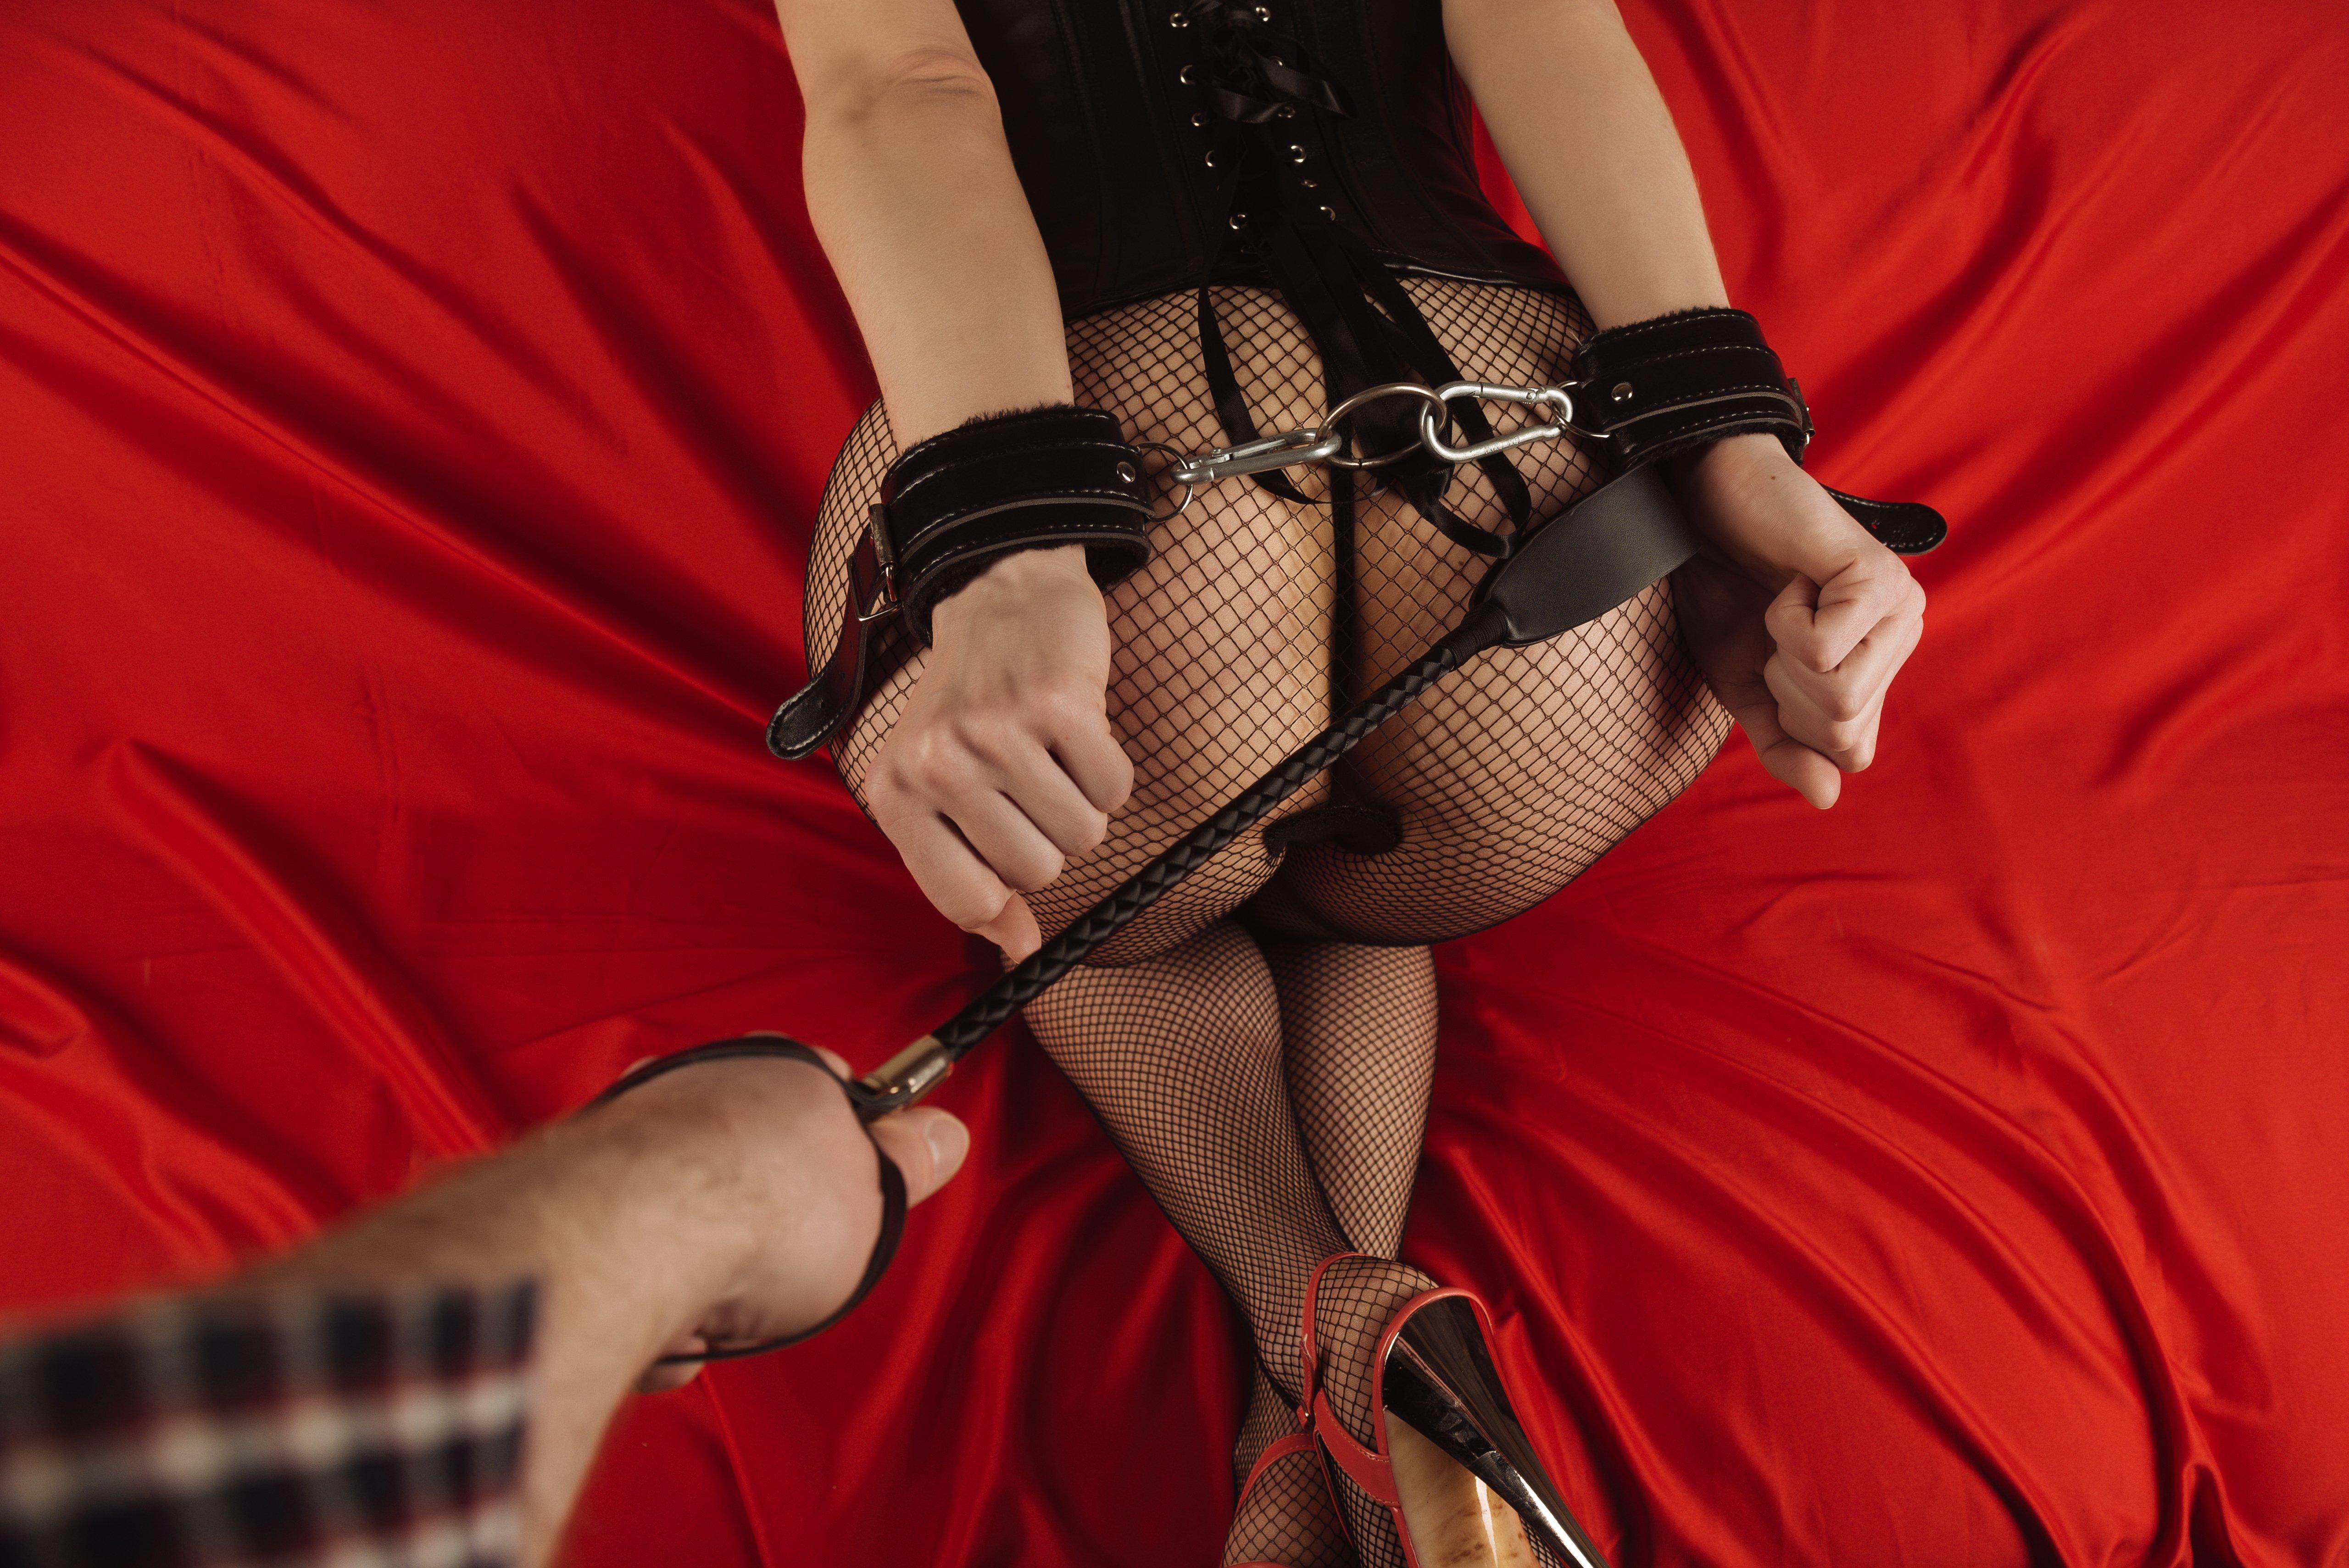 Frau spanking Spanking Kurzgeschichten